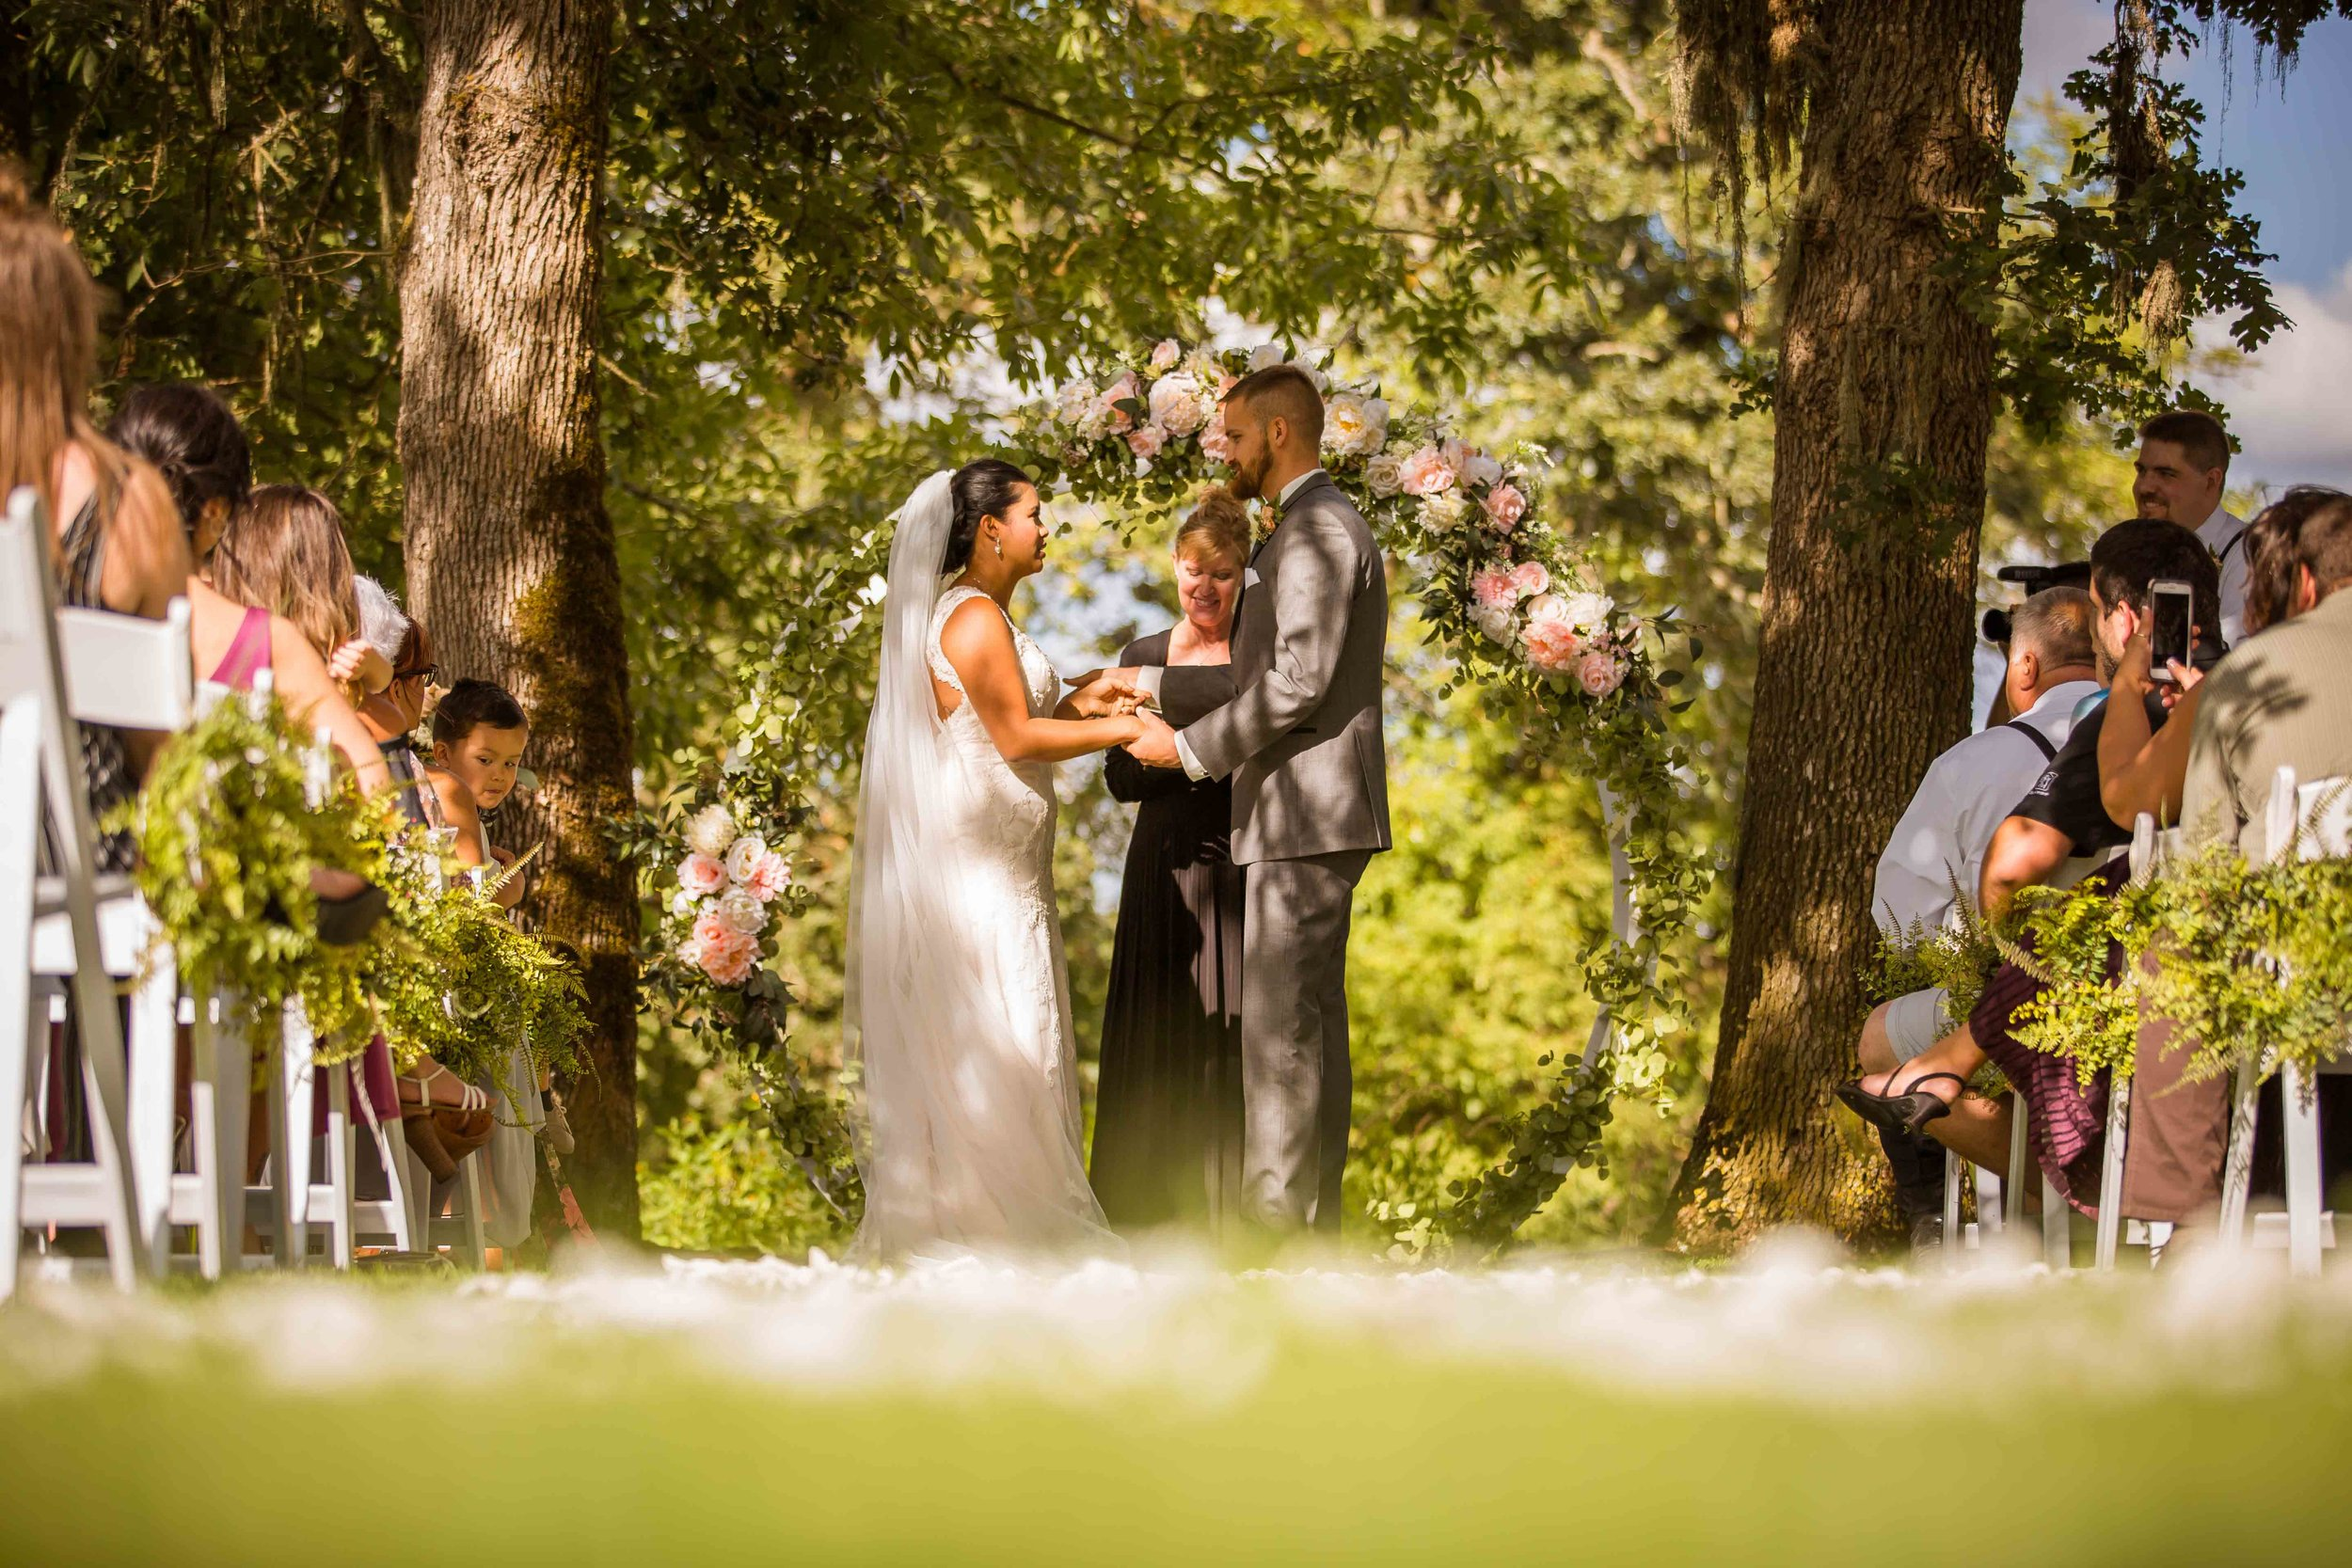 Ceremony Miranda and John - Dillon Vibes Photography-4.jpg